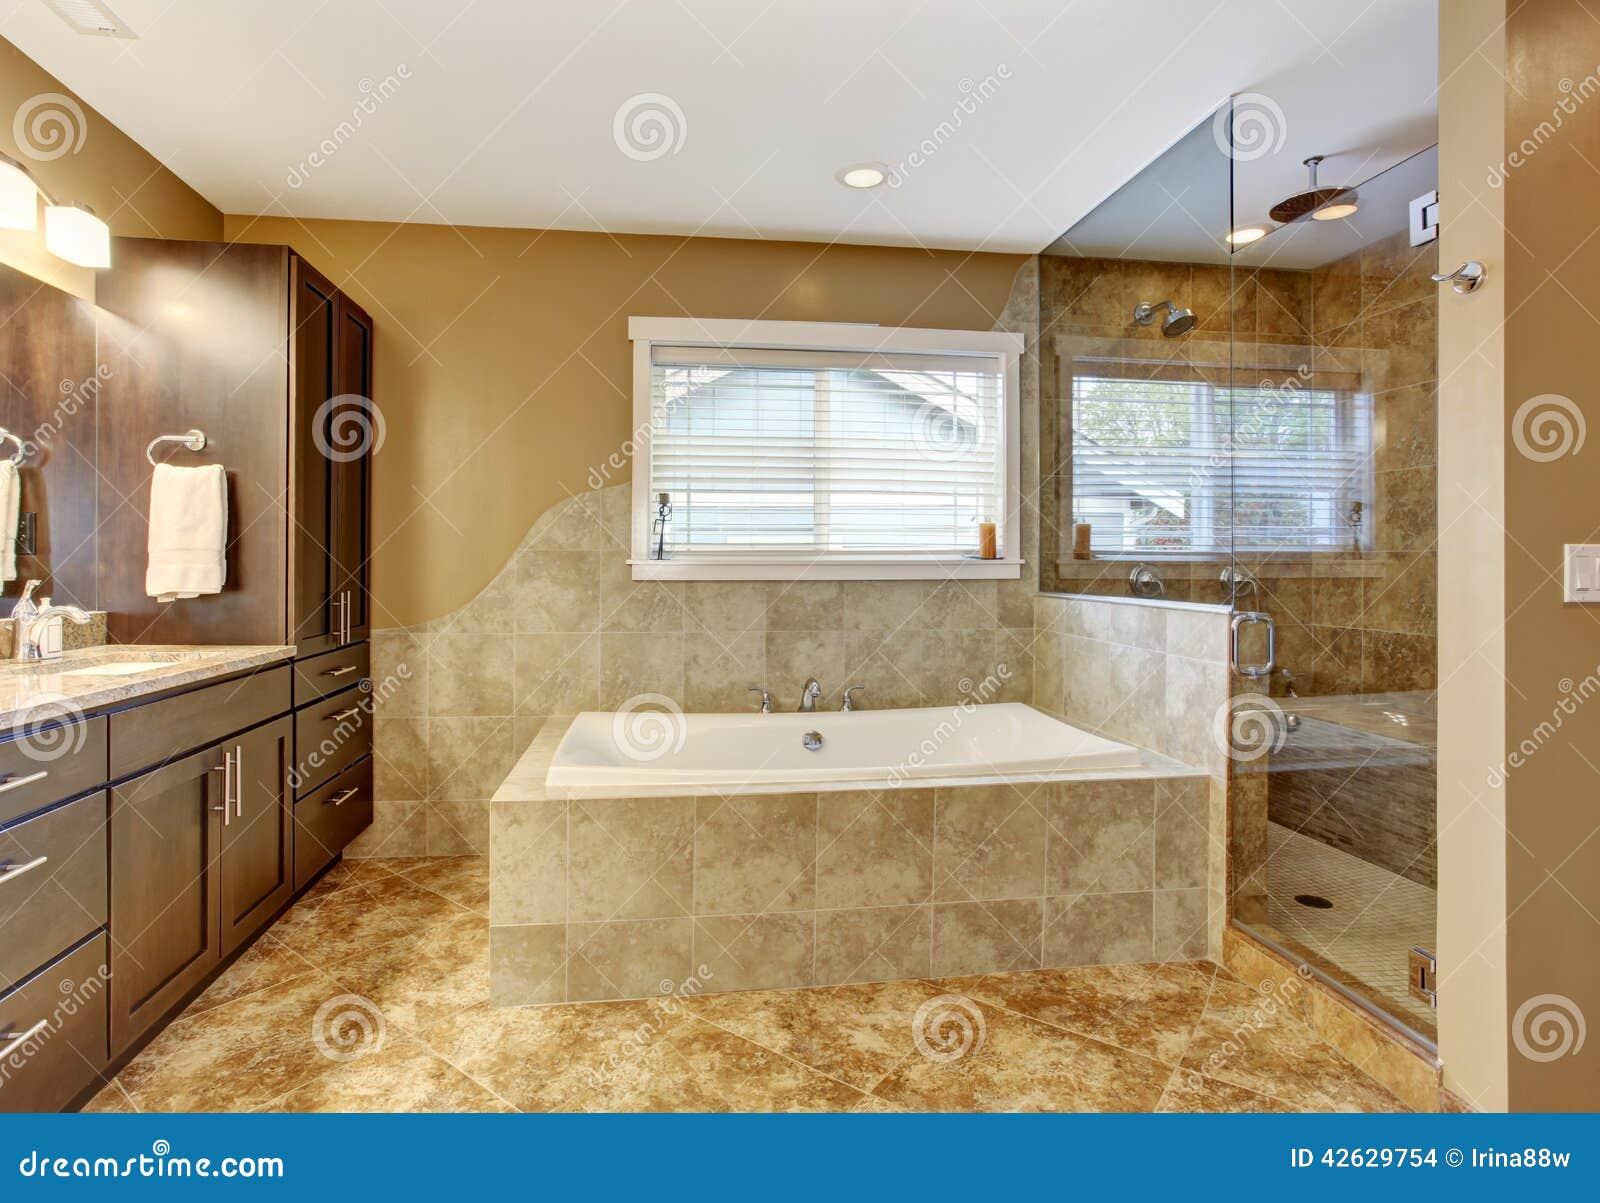 Int rieur moderne de salle de bains avec la douche en verre de porte photo stock image du - Porte interieur salle de bain ...